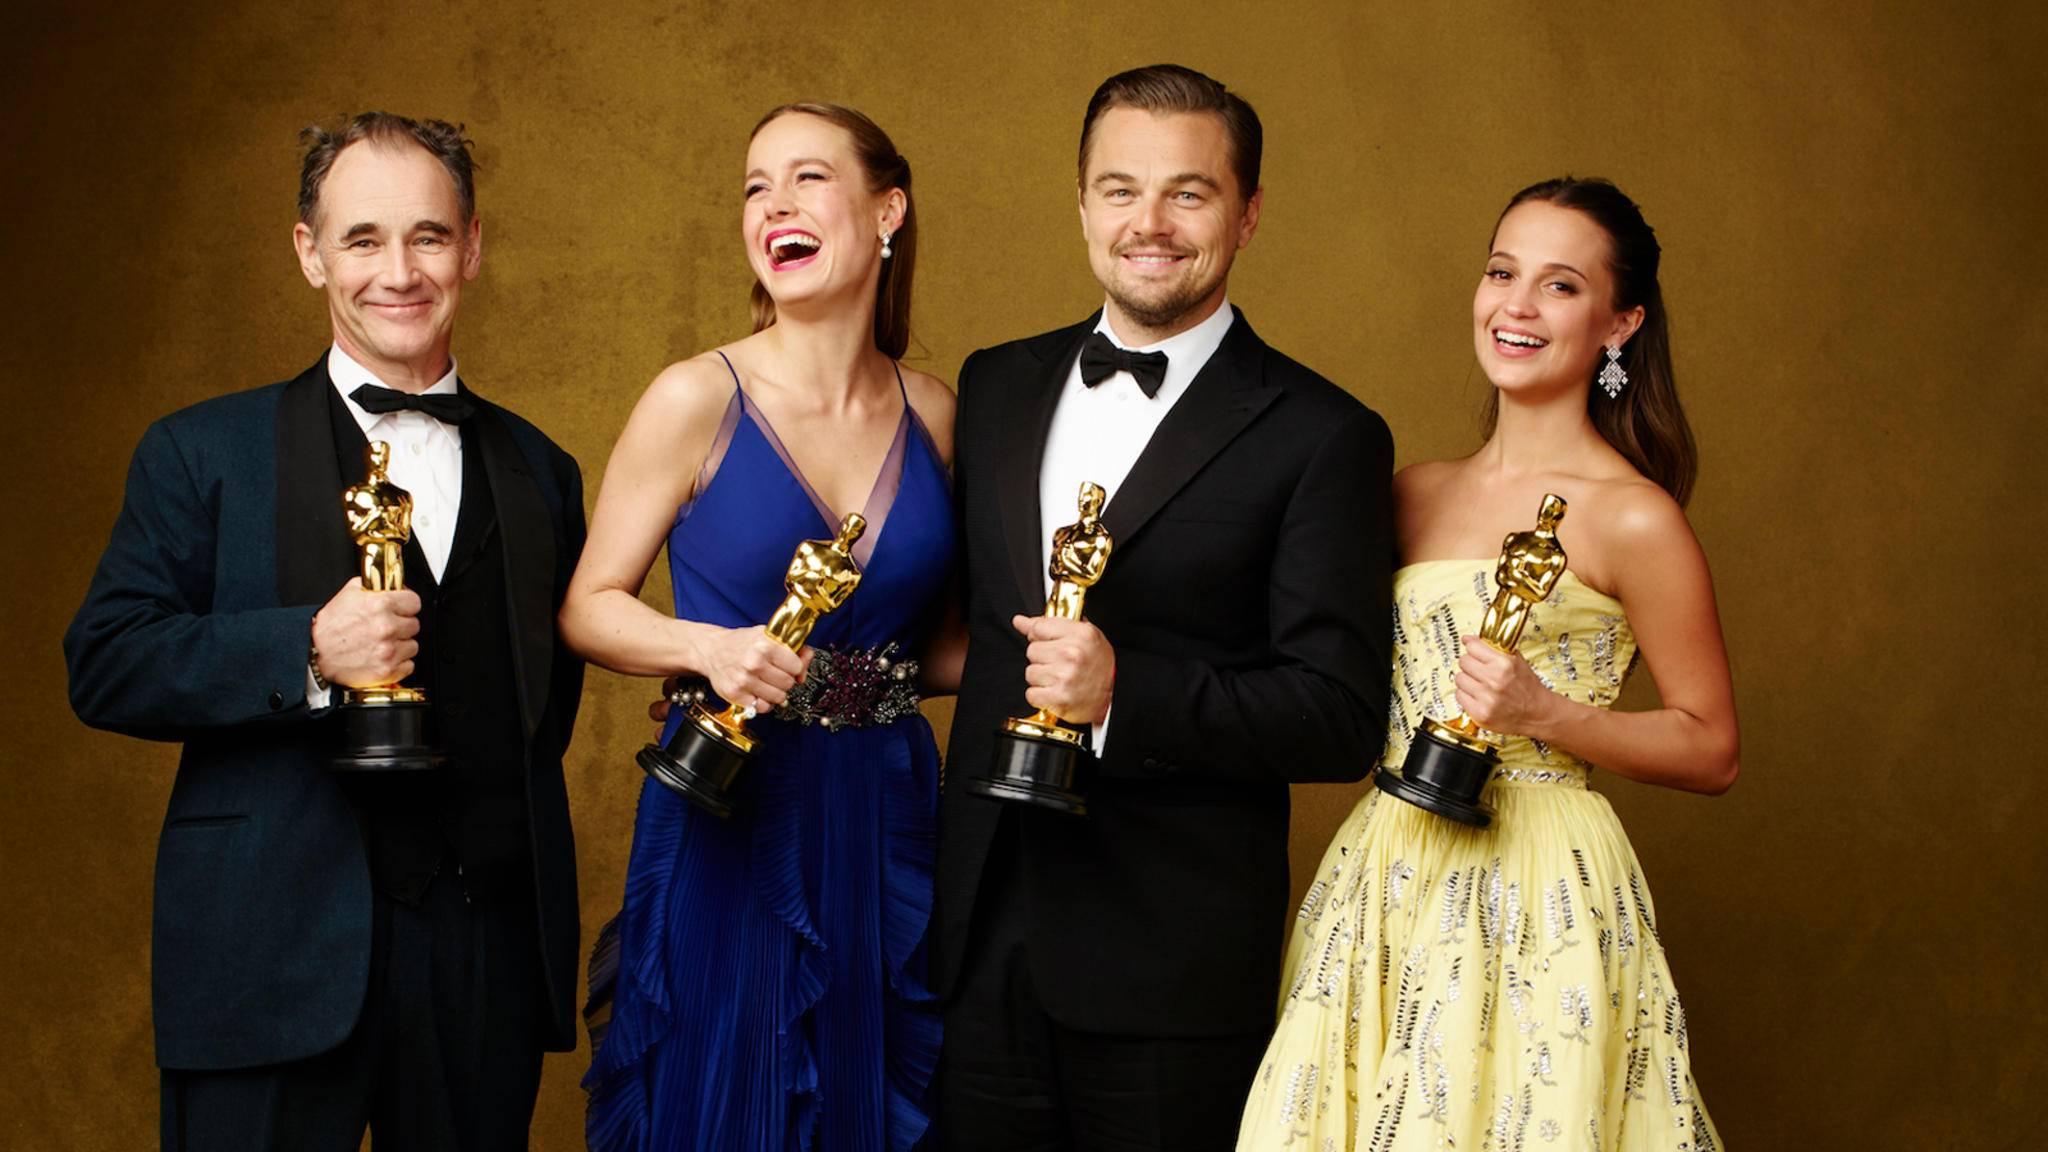 Die Gewinner der Oscars 2016 werden in diesem Jahr die Preise an ihre Nachfolger überreichen.